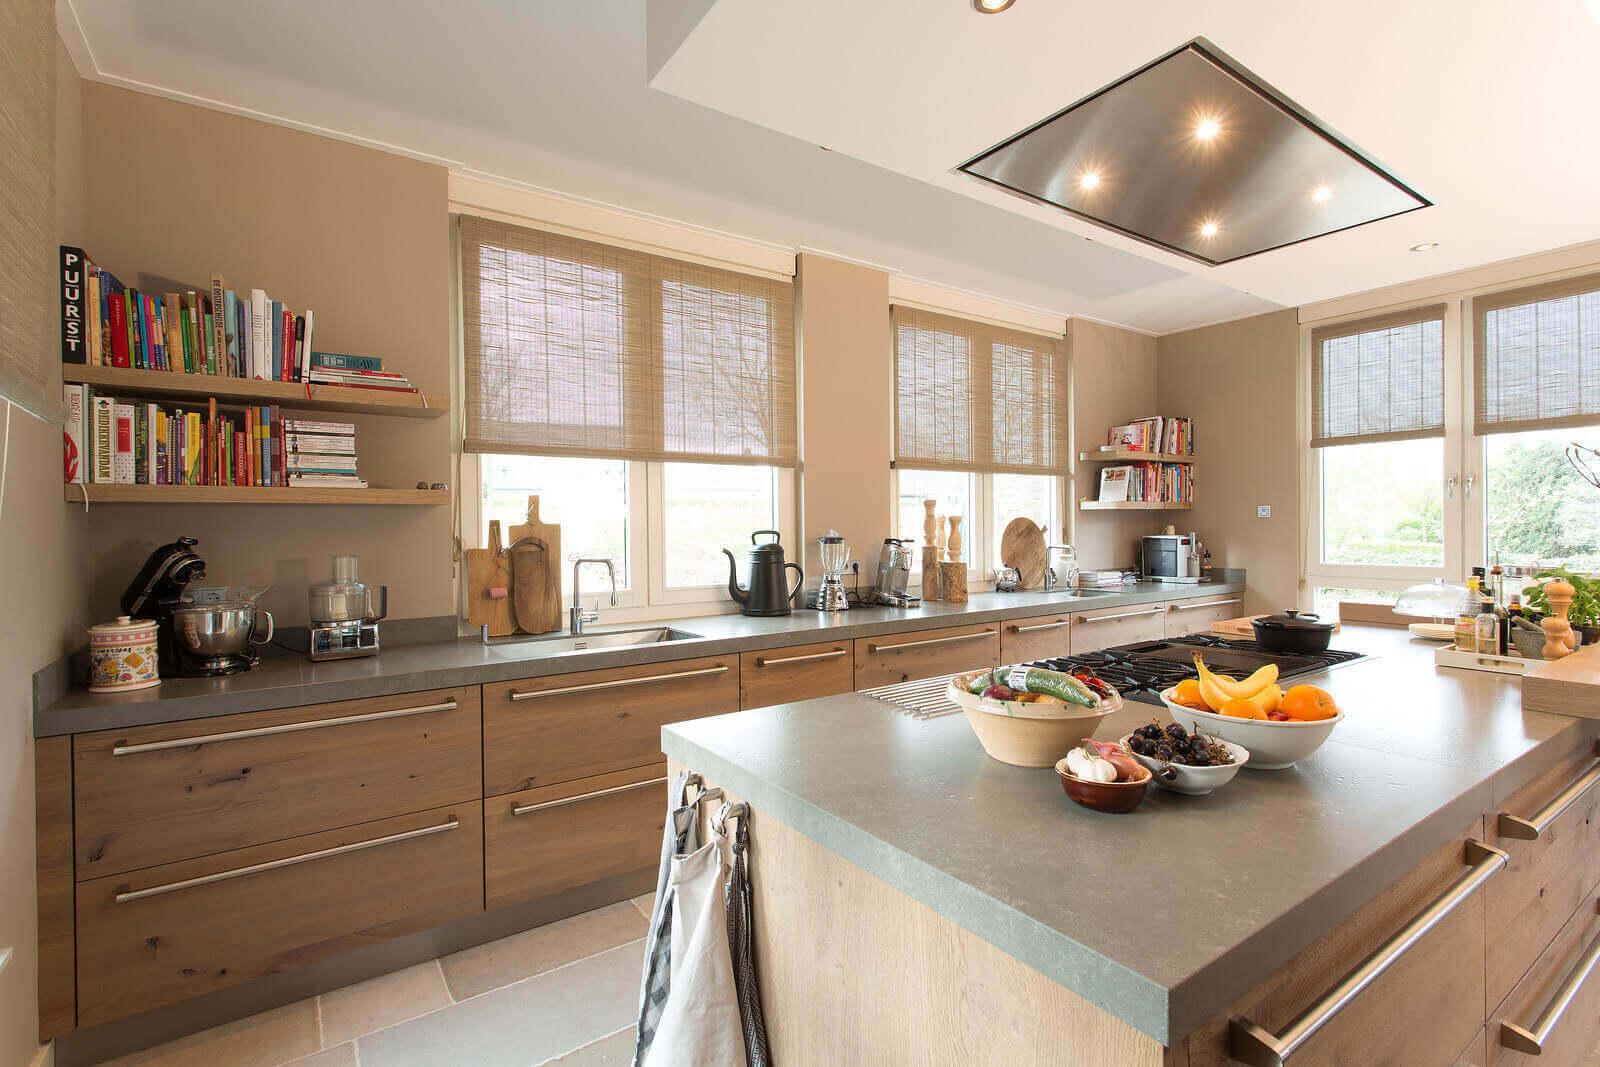 Keuken van Tieleman Keukens